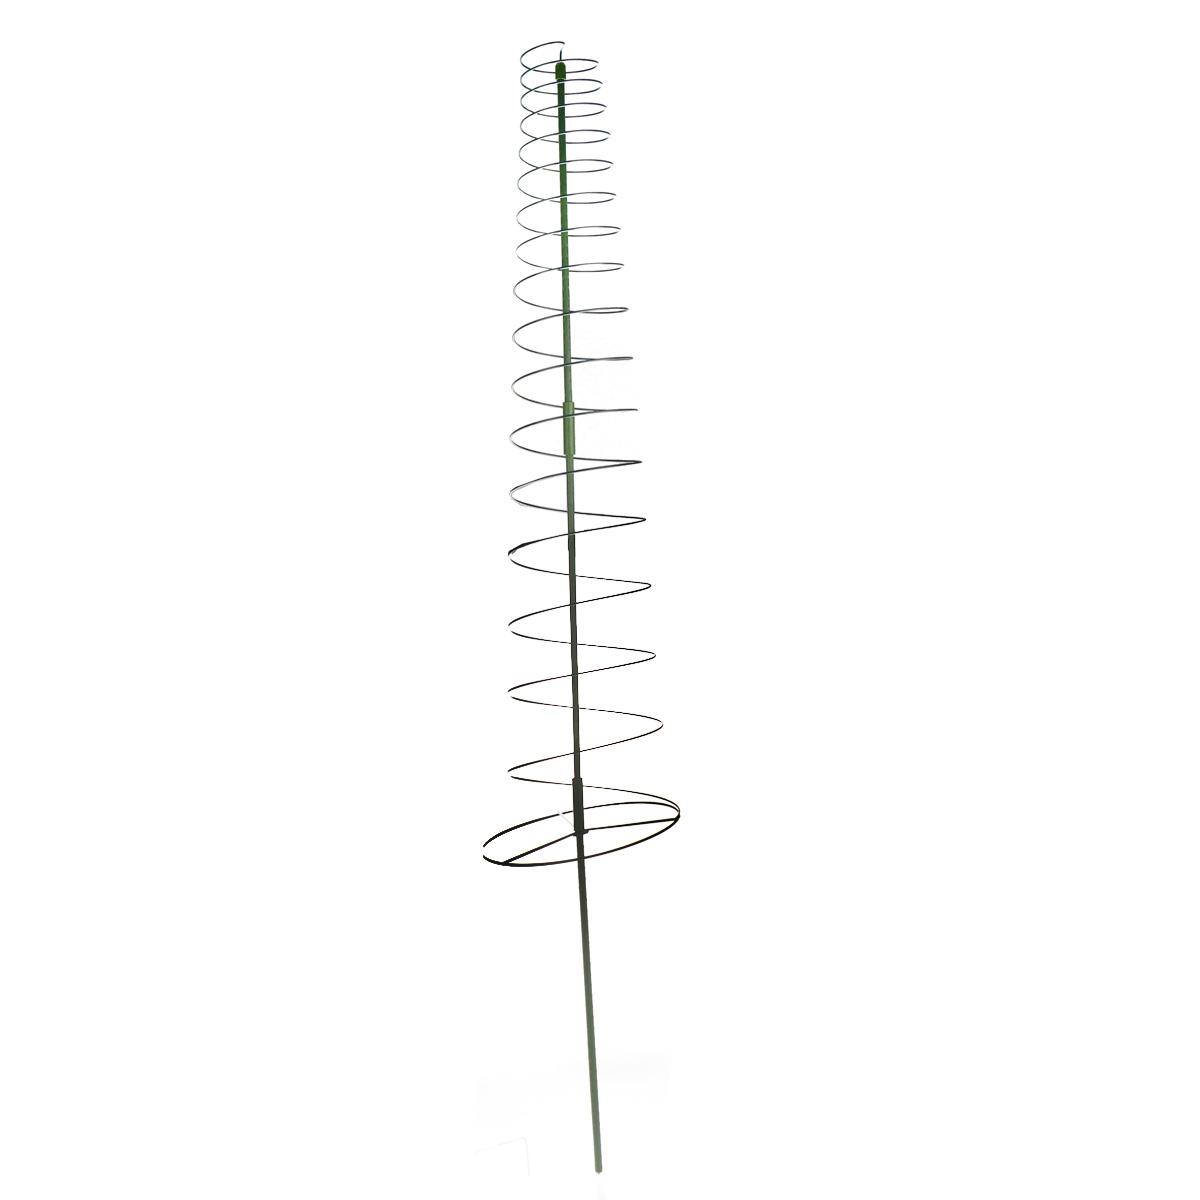 Спиральная поддержка Green Apple GTSQ, 45 смGTSQОпора-спираль используется для поддержки как садовых, так и комнатных растений. Благодаря своей спиралевидной форме опора обеспечивает поддержку без подвязывания растения.